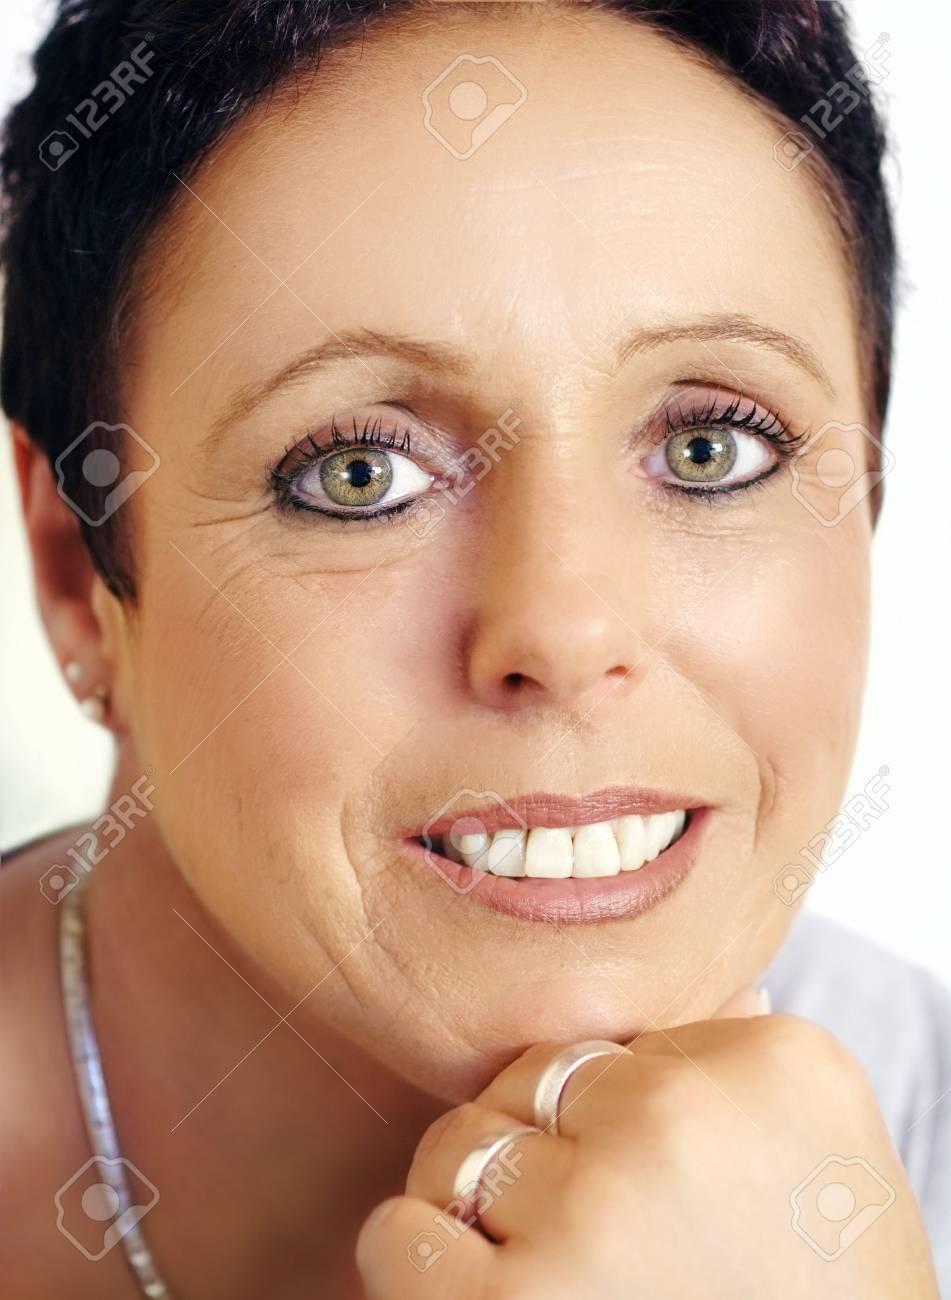 Mature Closeup